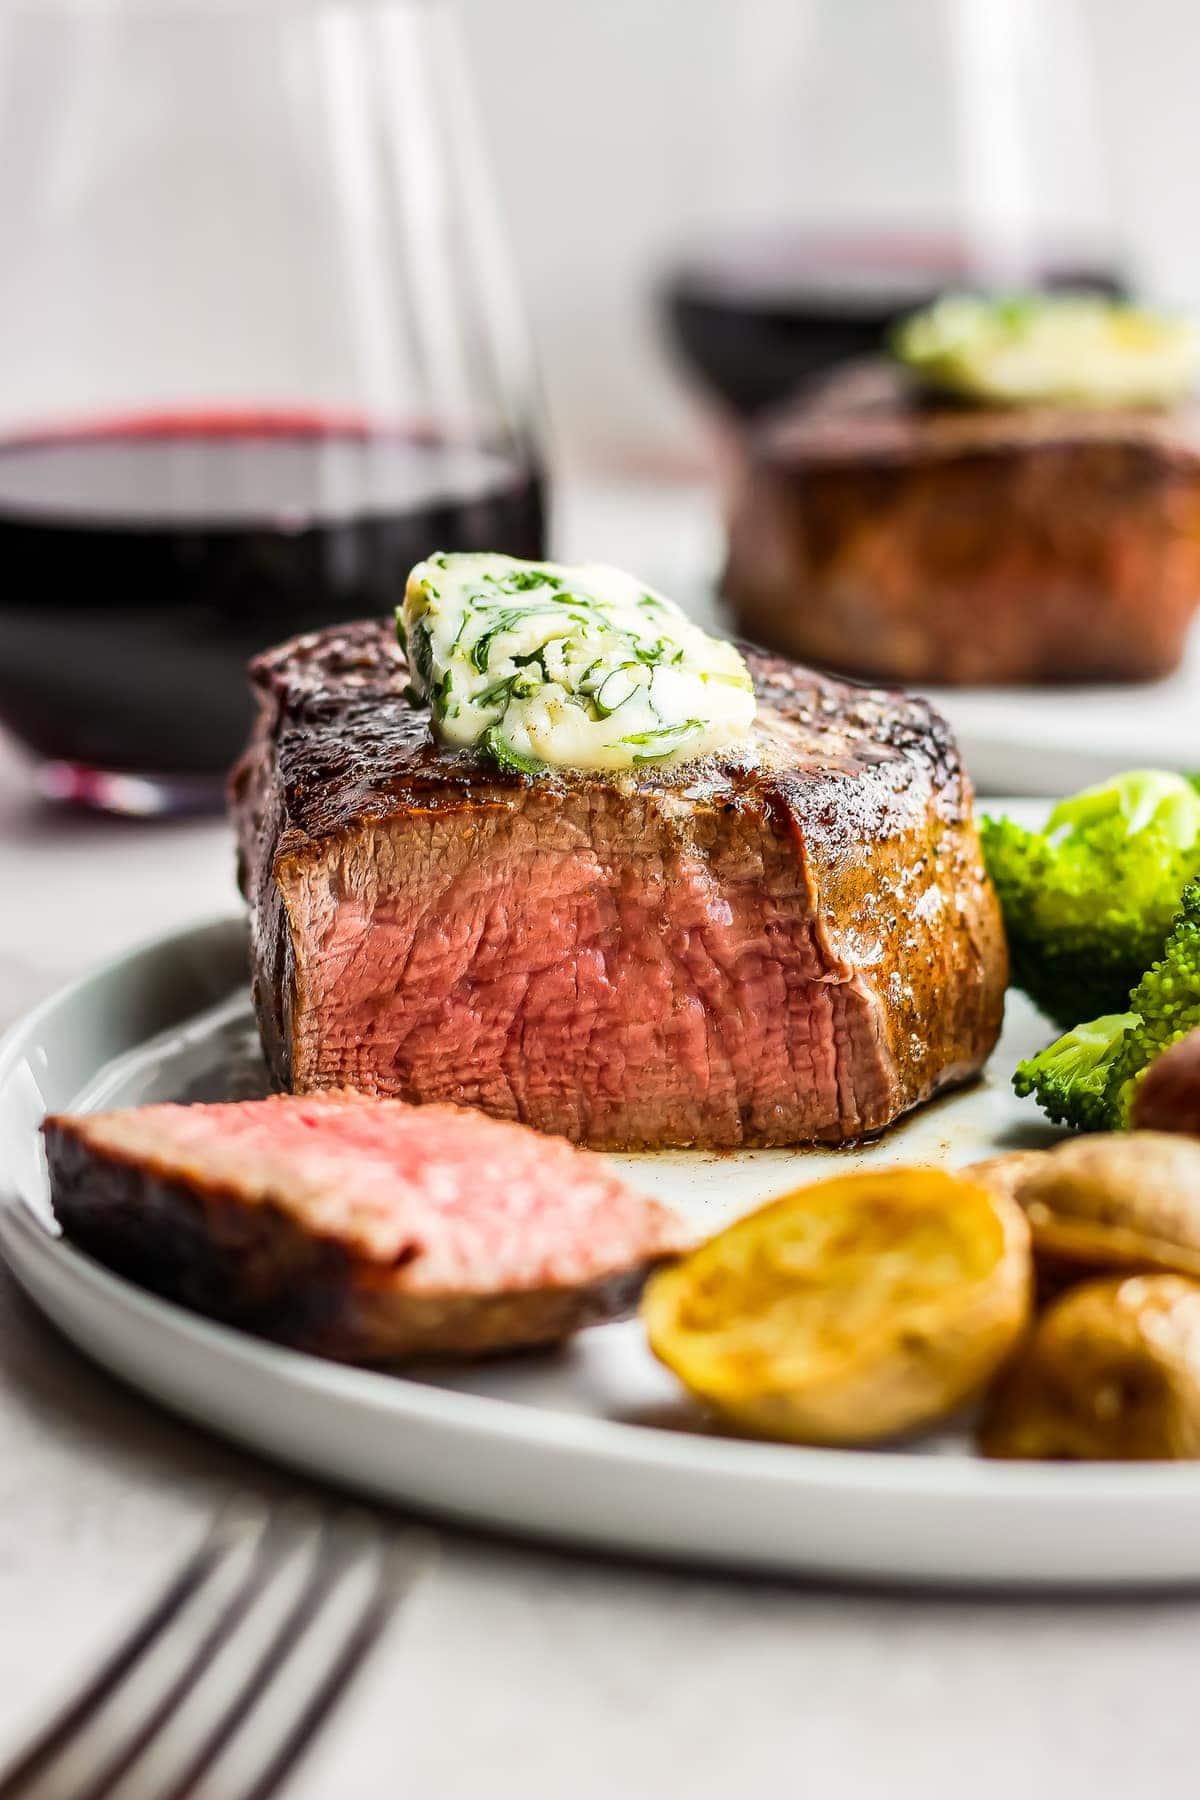 Restaurant Steak Recipe with Cilantro Steak Butter - (VIDEO!!!)